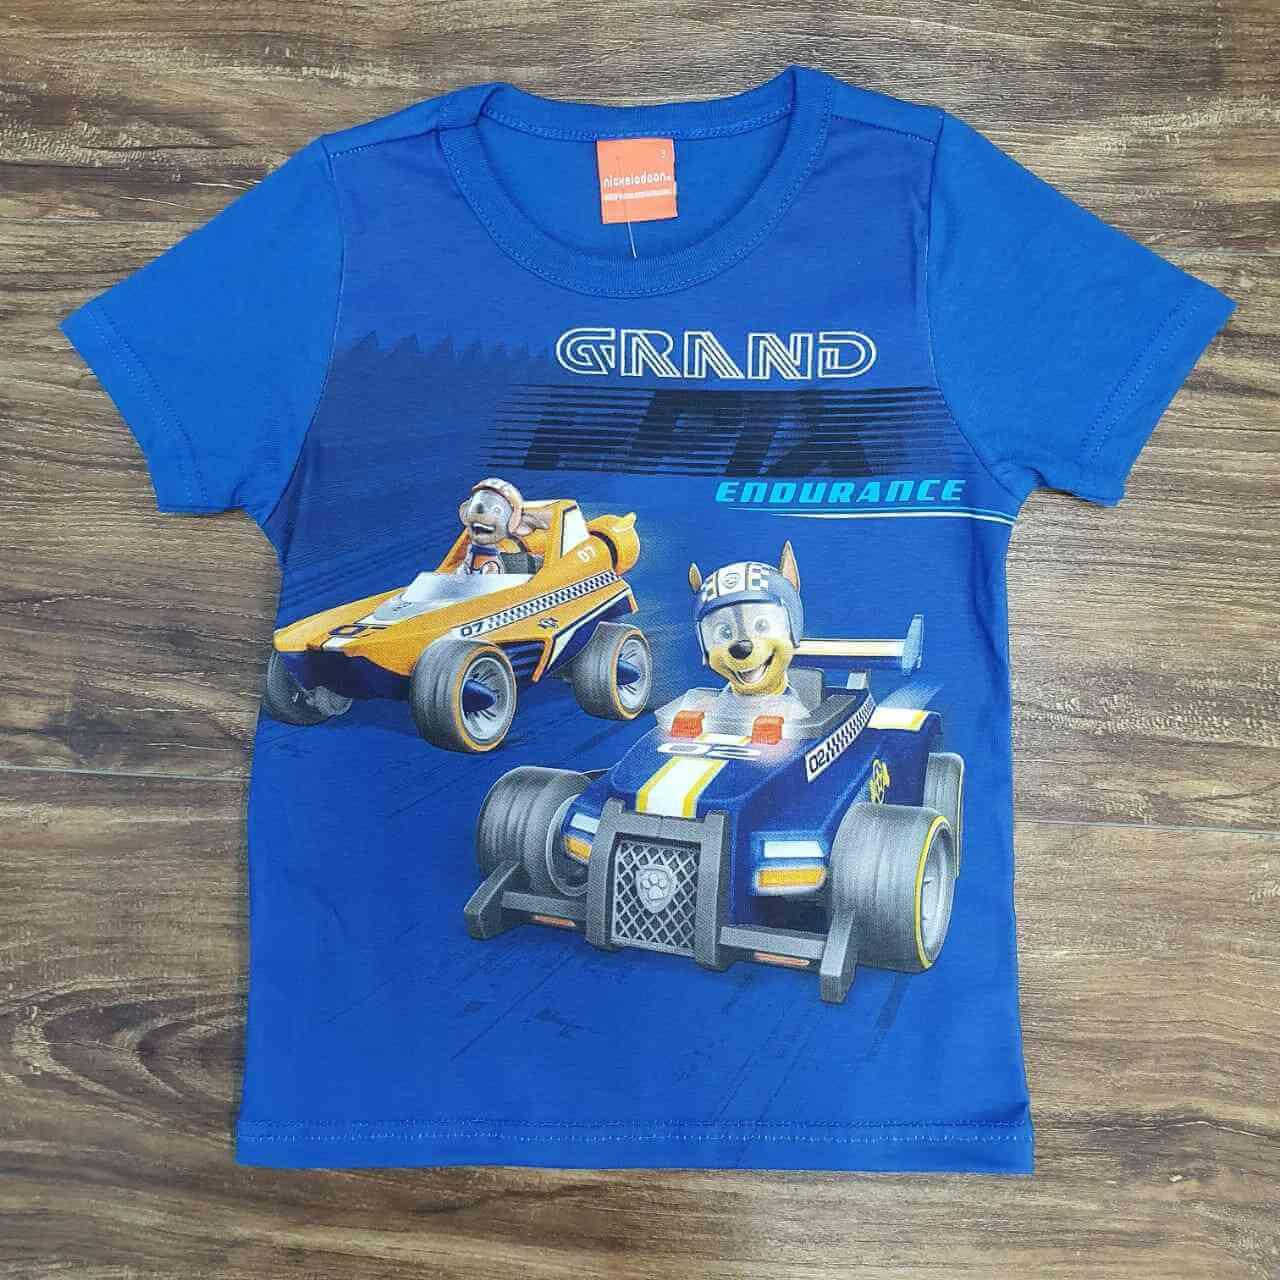 Camiseta Azul Grand Patrulha Canina Infantil